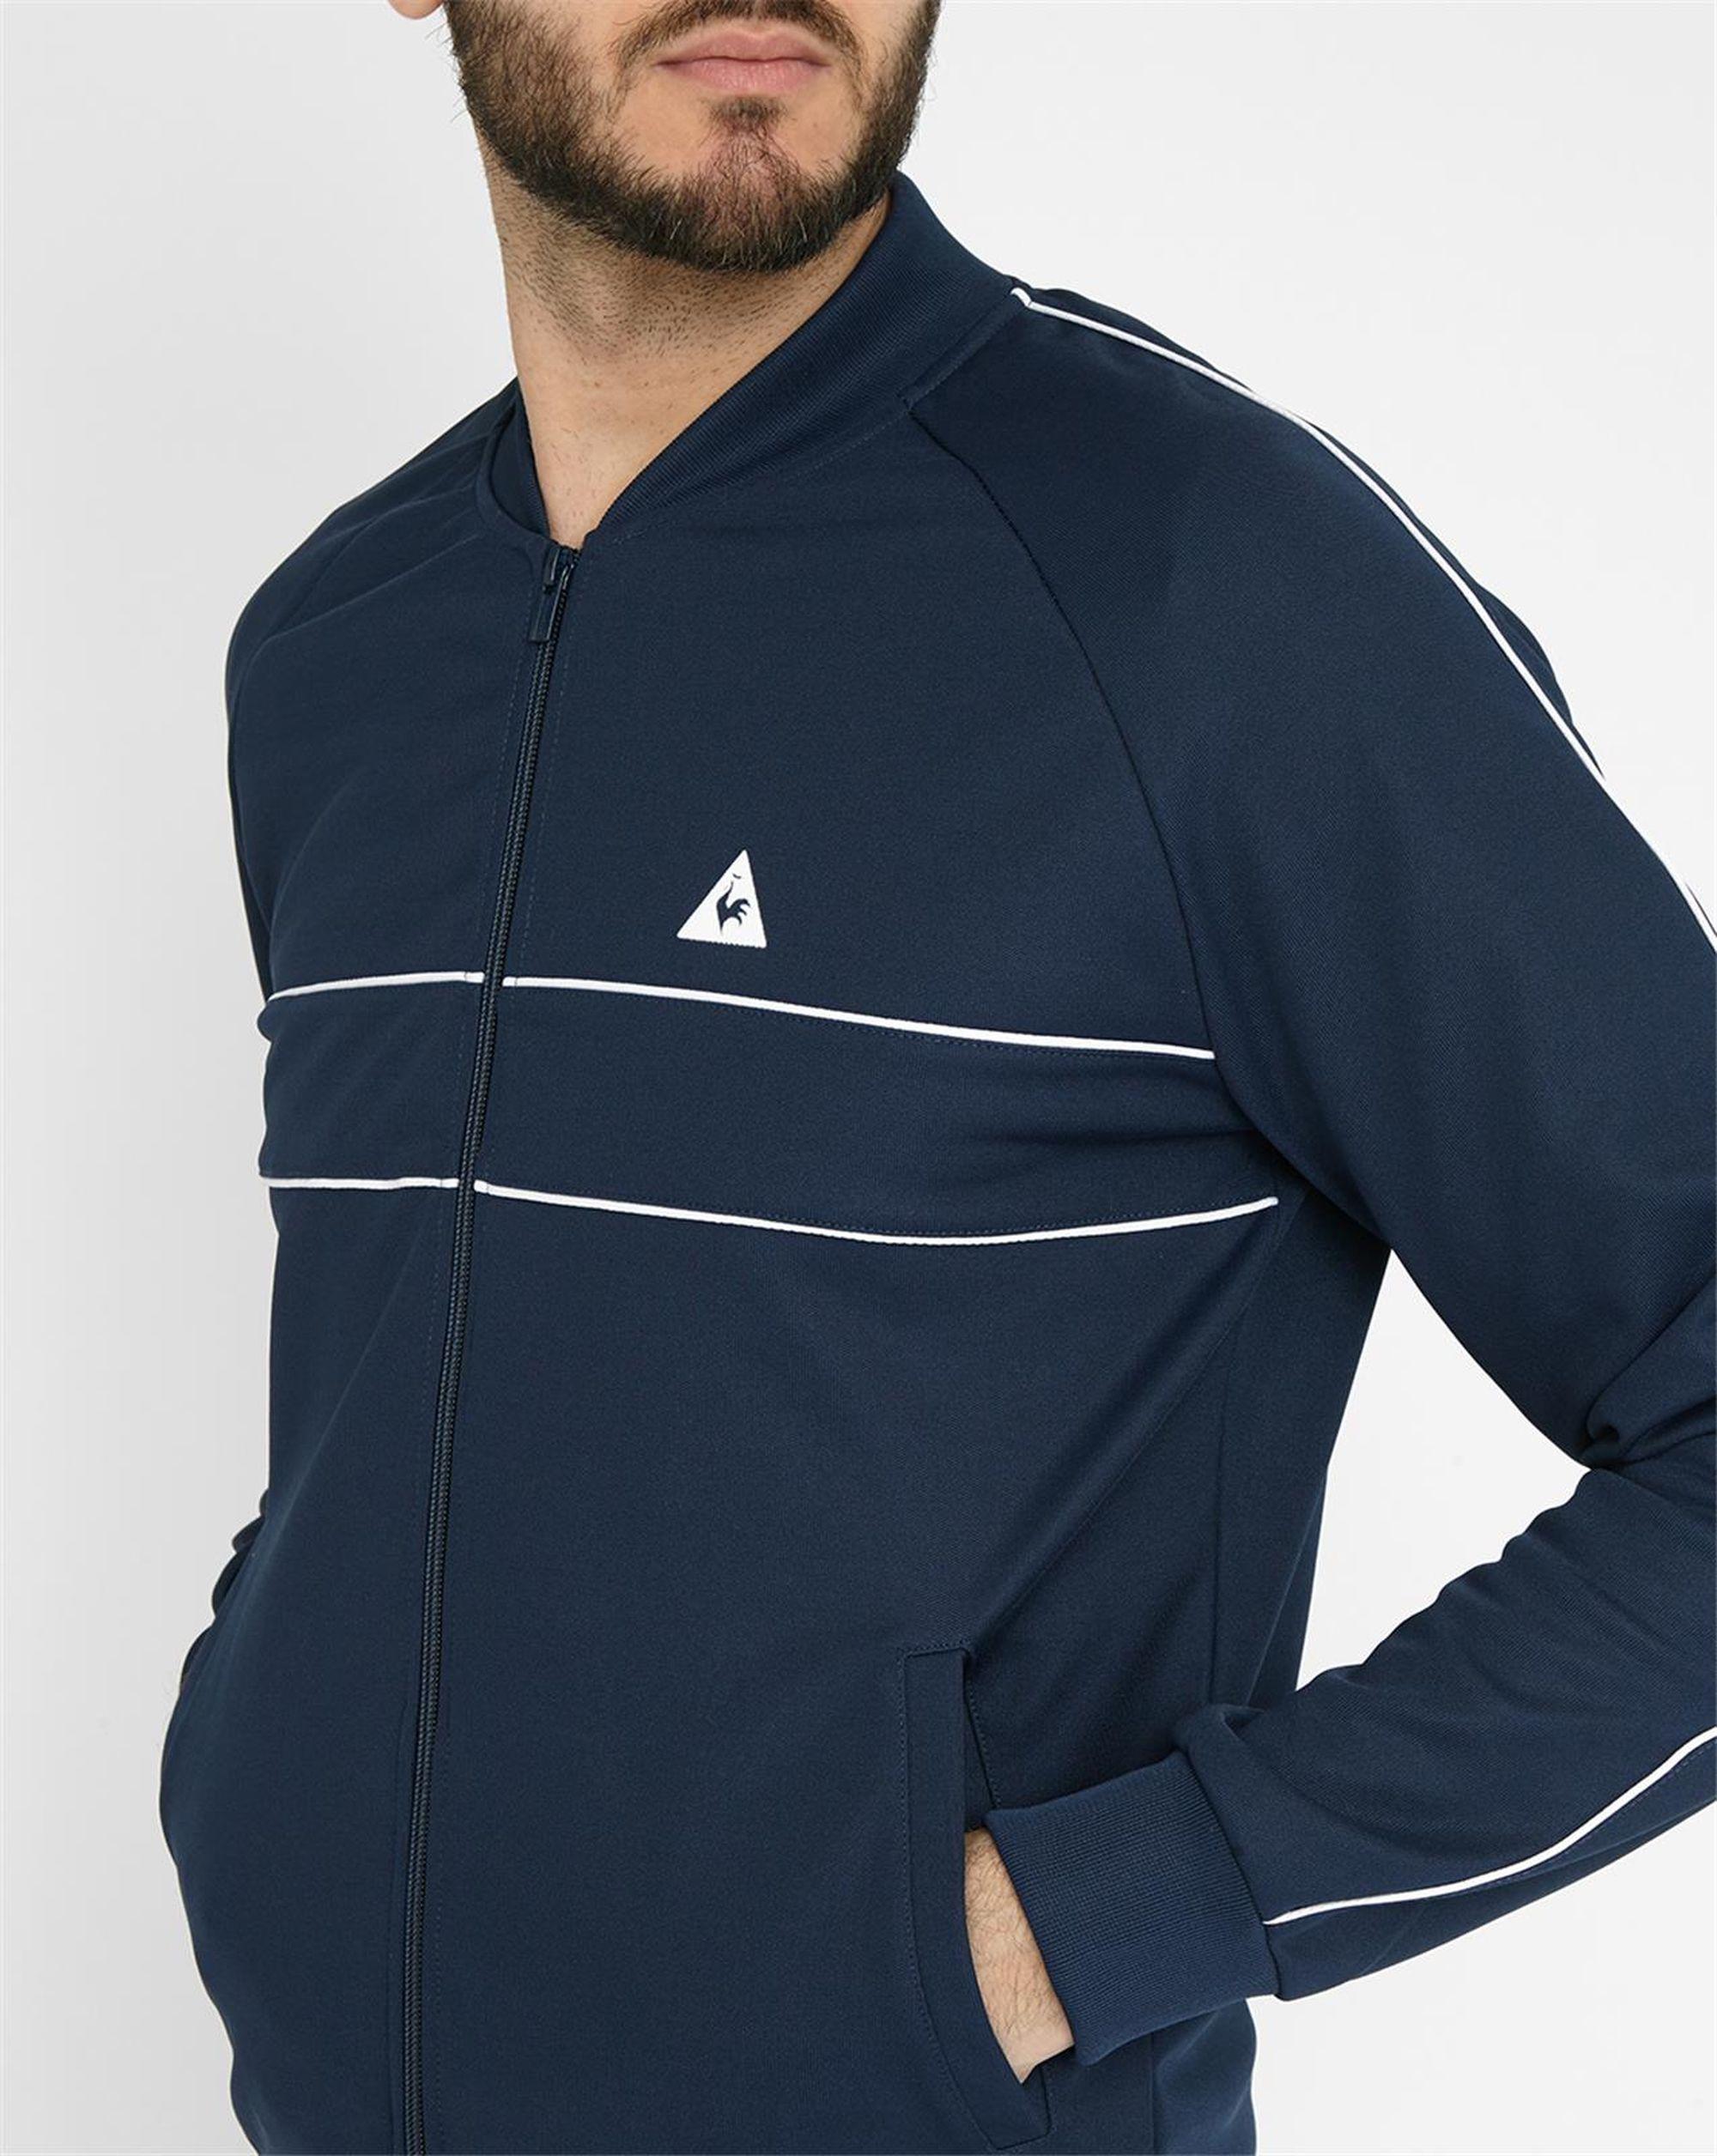 le coq sportif navy track jacket in black for men lyst. Black Bedroom Furniture Sets. Home Design Ideas